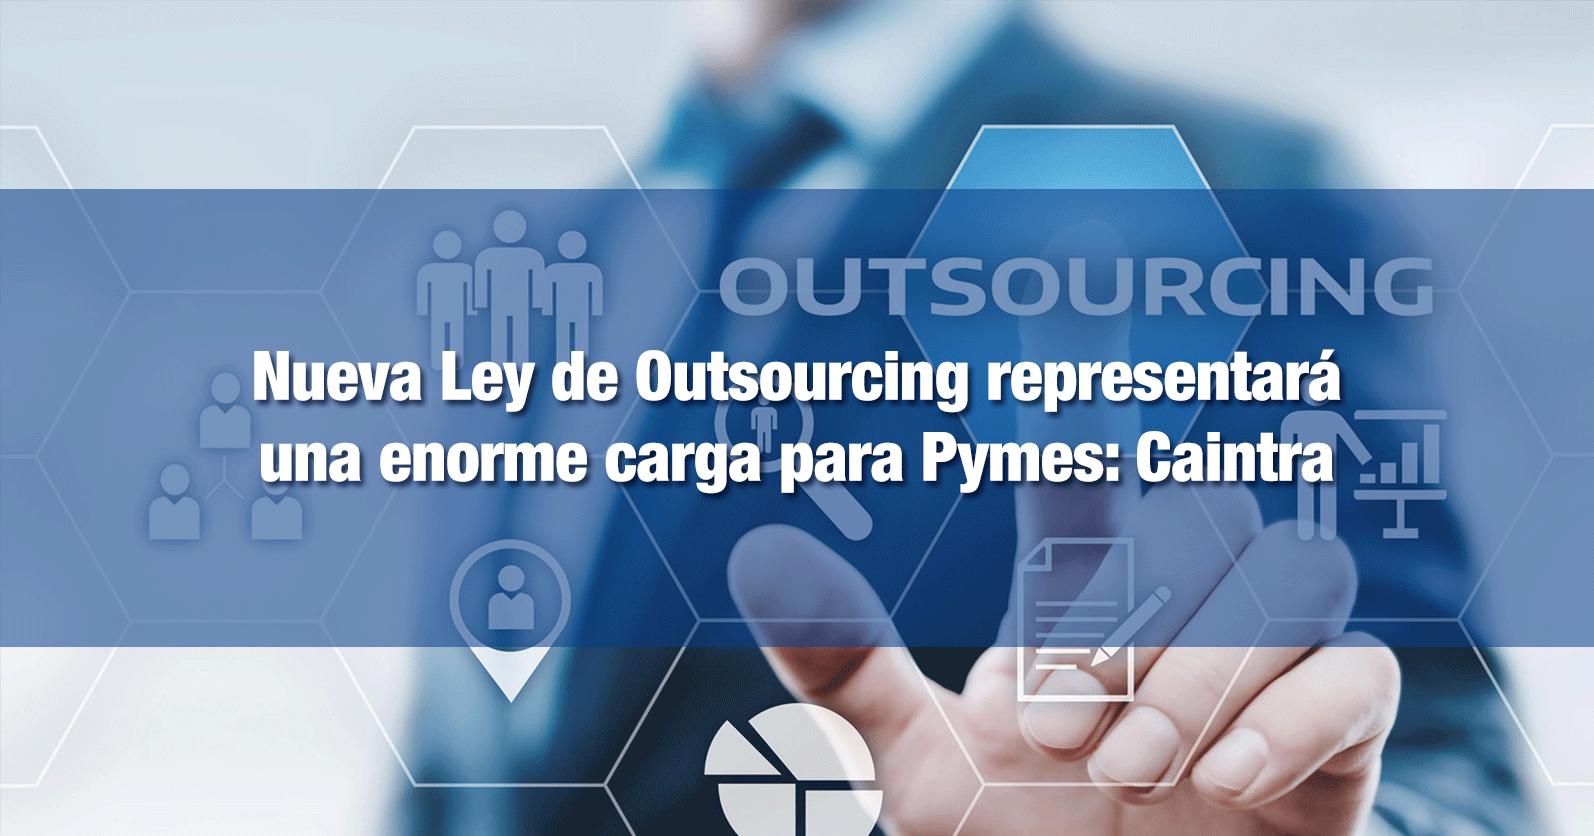 Nueva Ley de Outsourcing representará una enorme carga para Pymes: Caintra